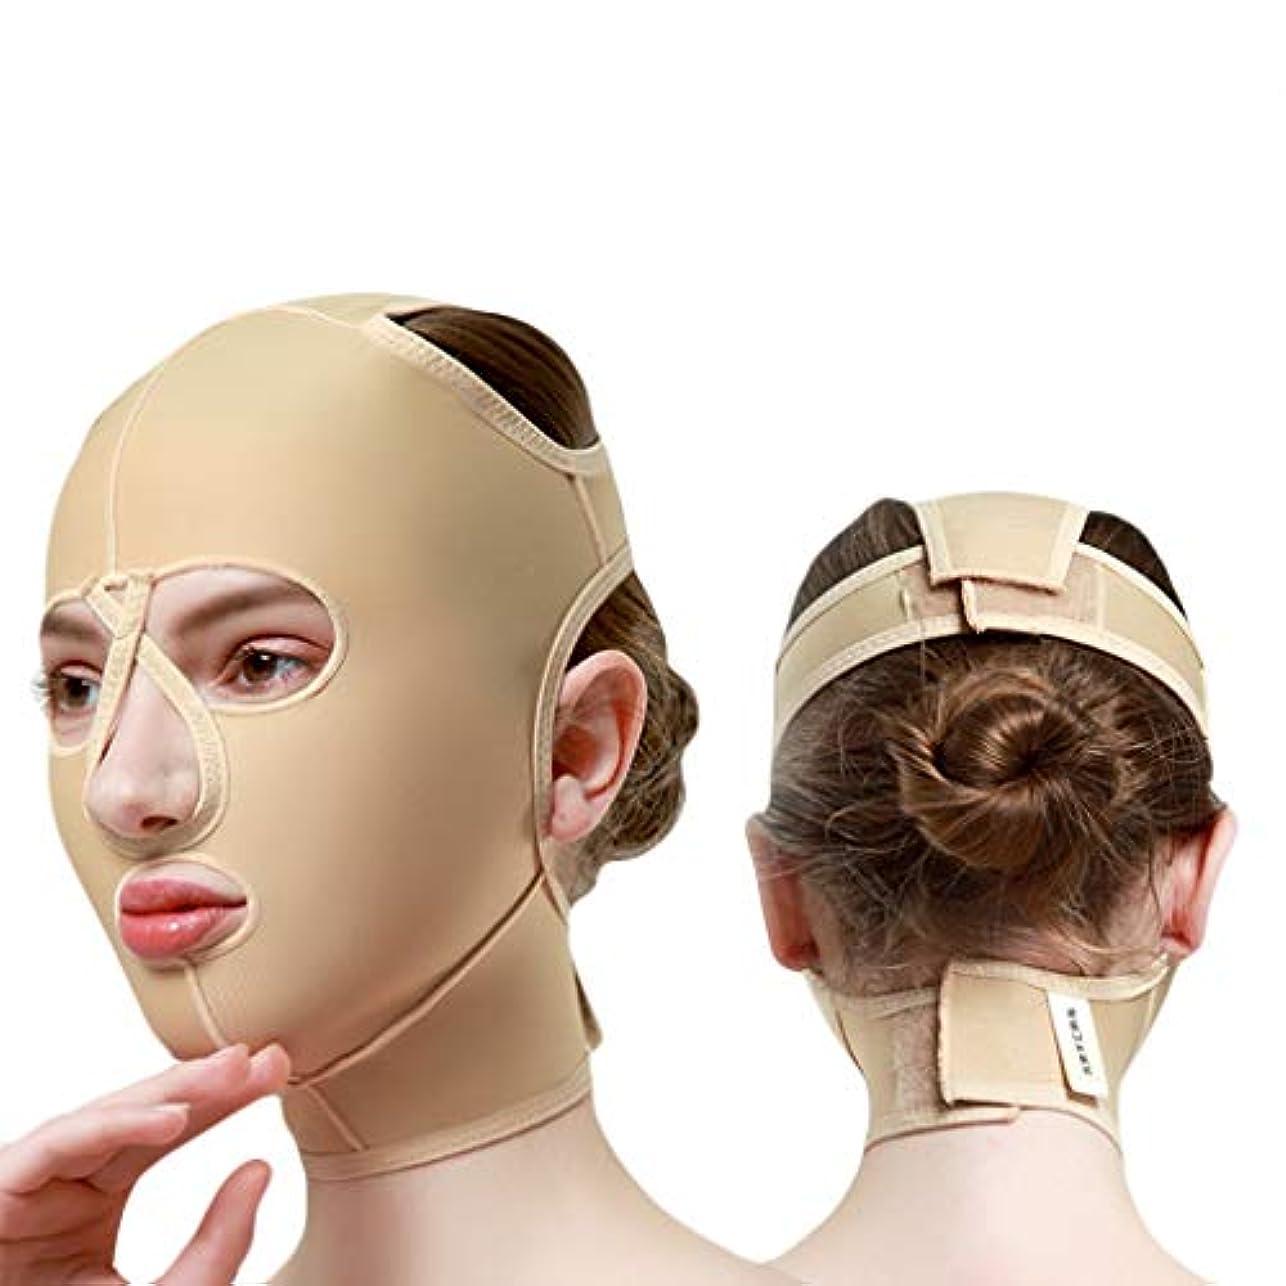 キャベツ広げるパーフェルビッドあごのストラップ、顔の彫刻ツール、リフティングマスク、ダブルチンリデューサー、フェイスリフティングエラスティックマスク女性 (Size : M)